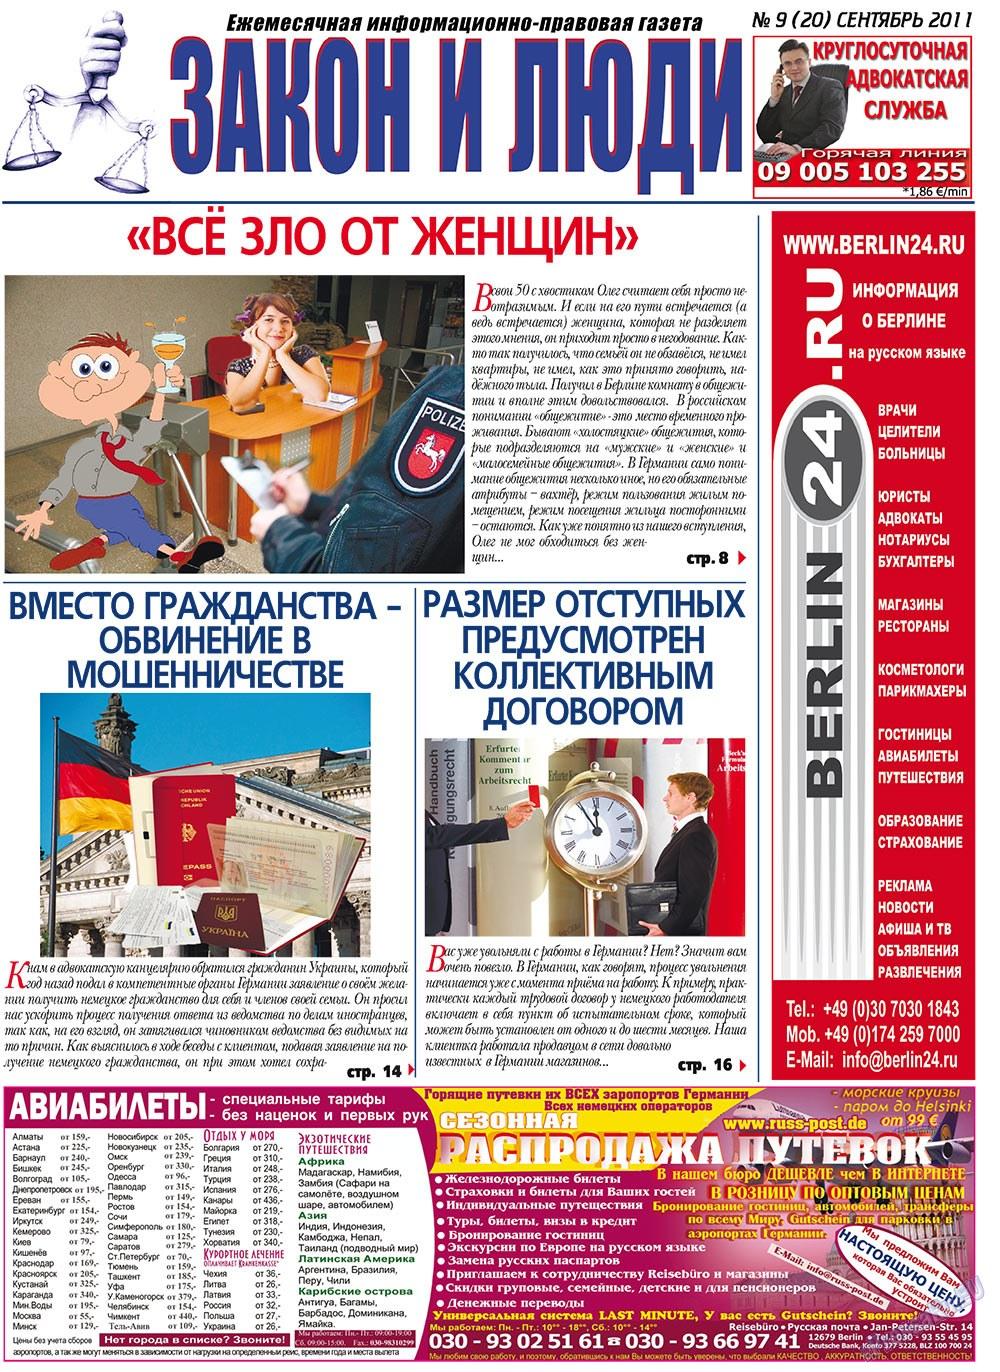 Закон и люди (газета). 2011 год, номер 9, стр. 1